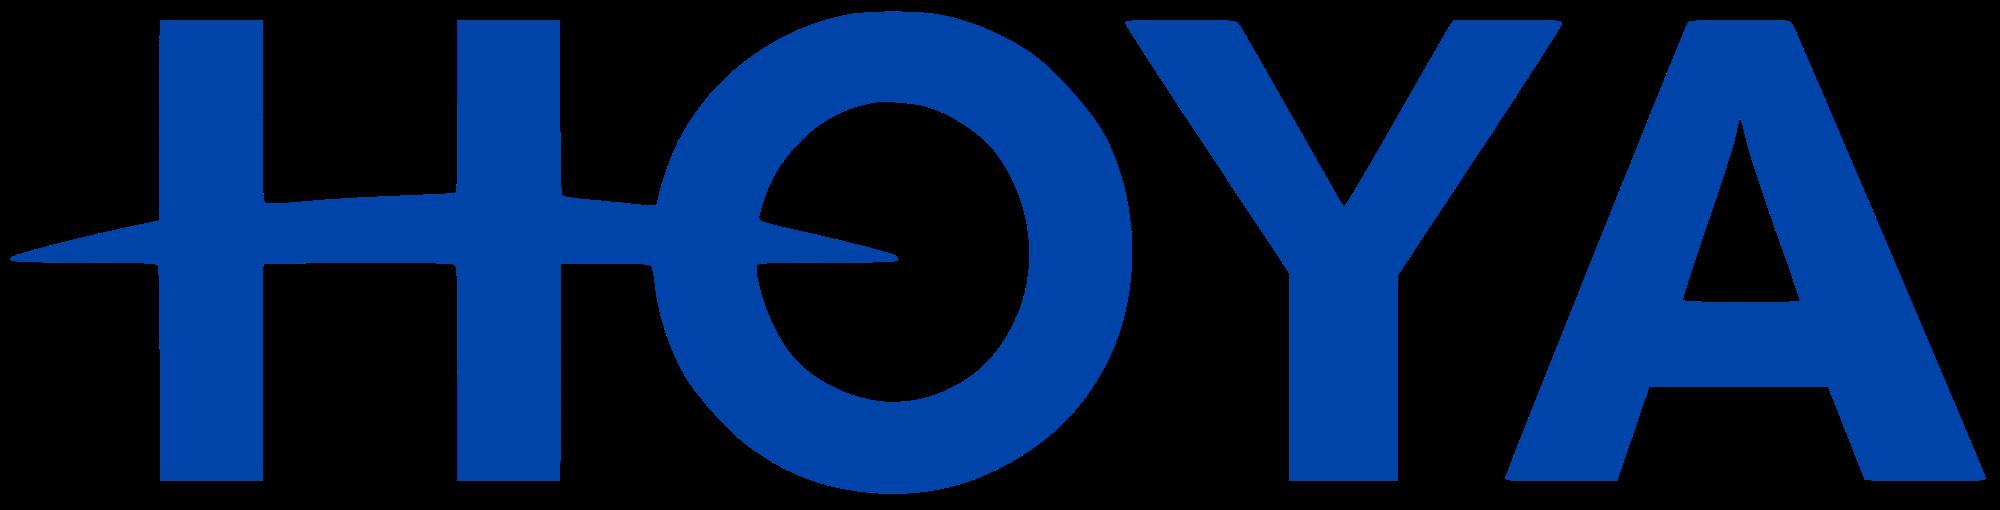 hoya_logo